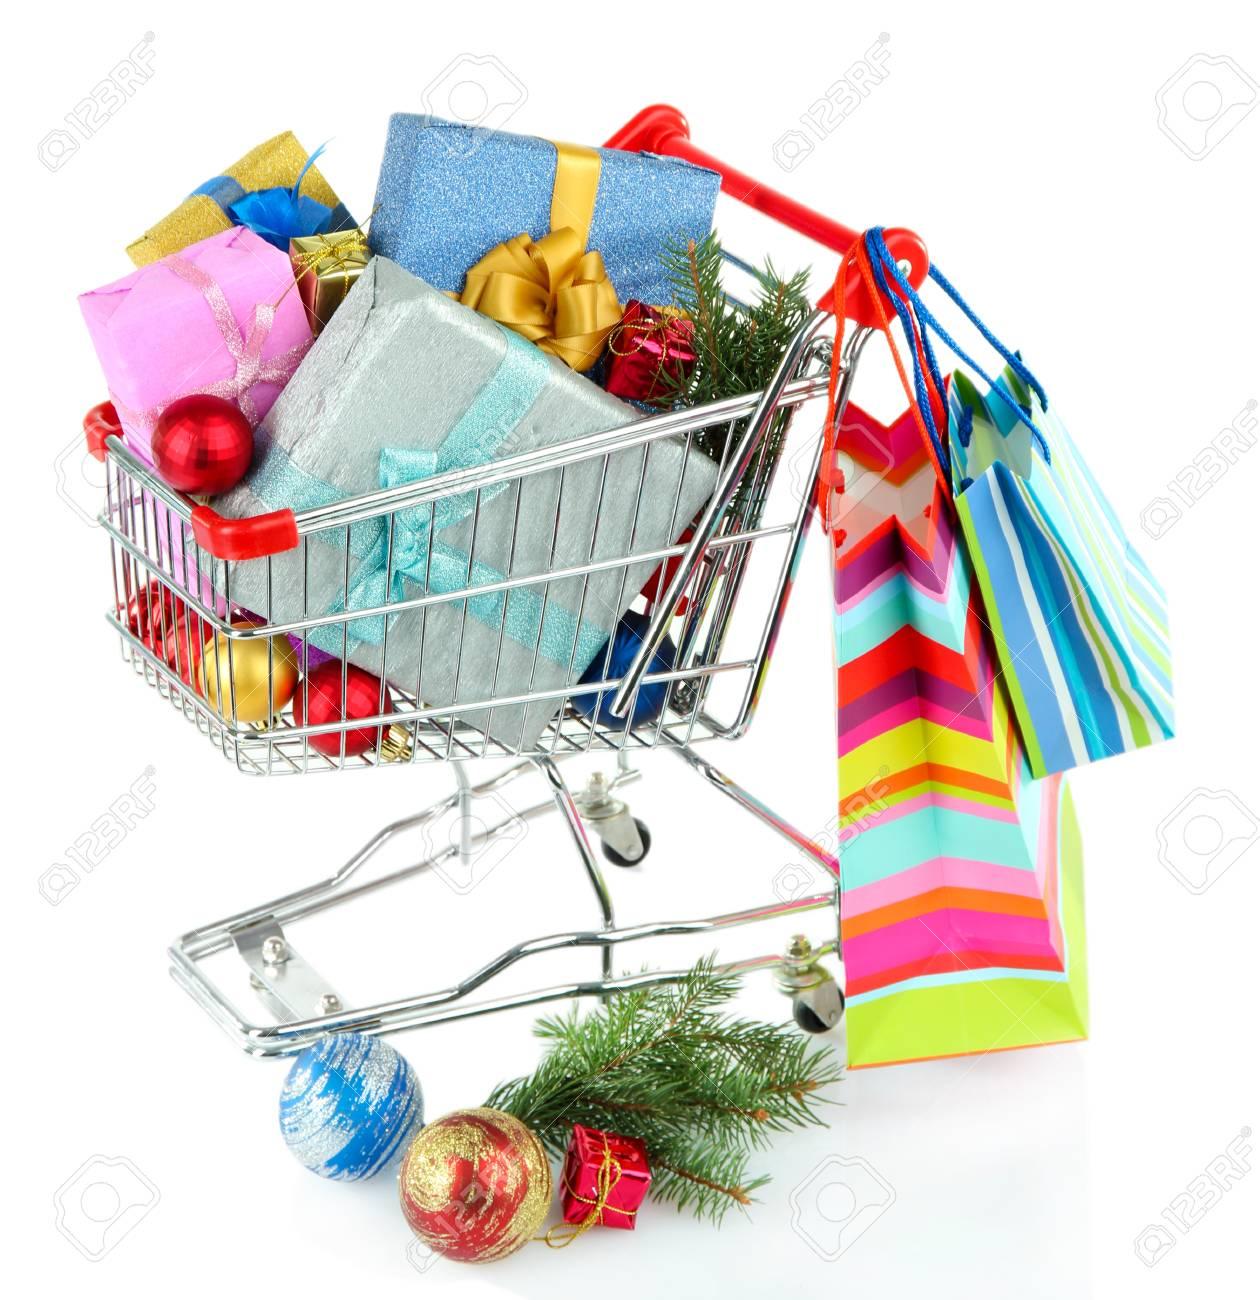 Weihnachtsgeschenke In Einkaufswagen, Isoliert Auf Weiß Lizenzfreie ...